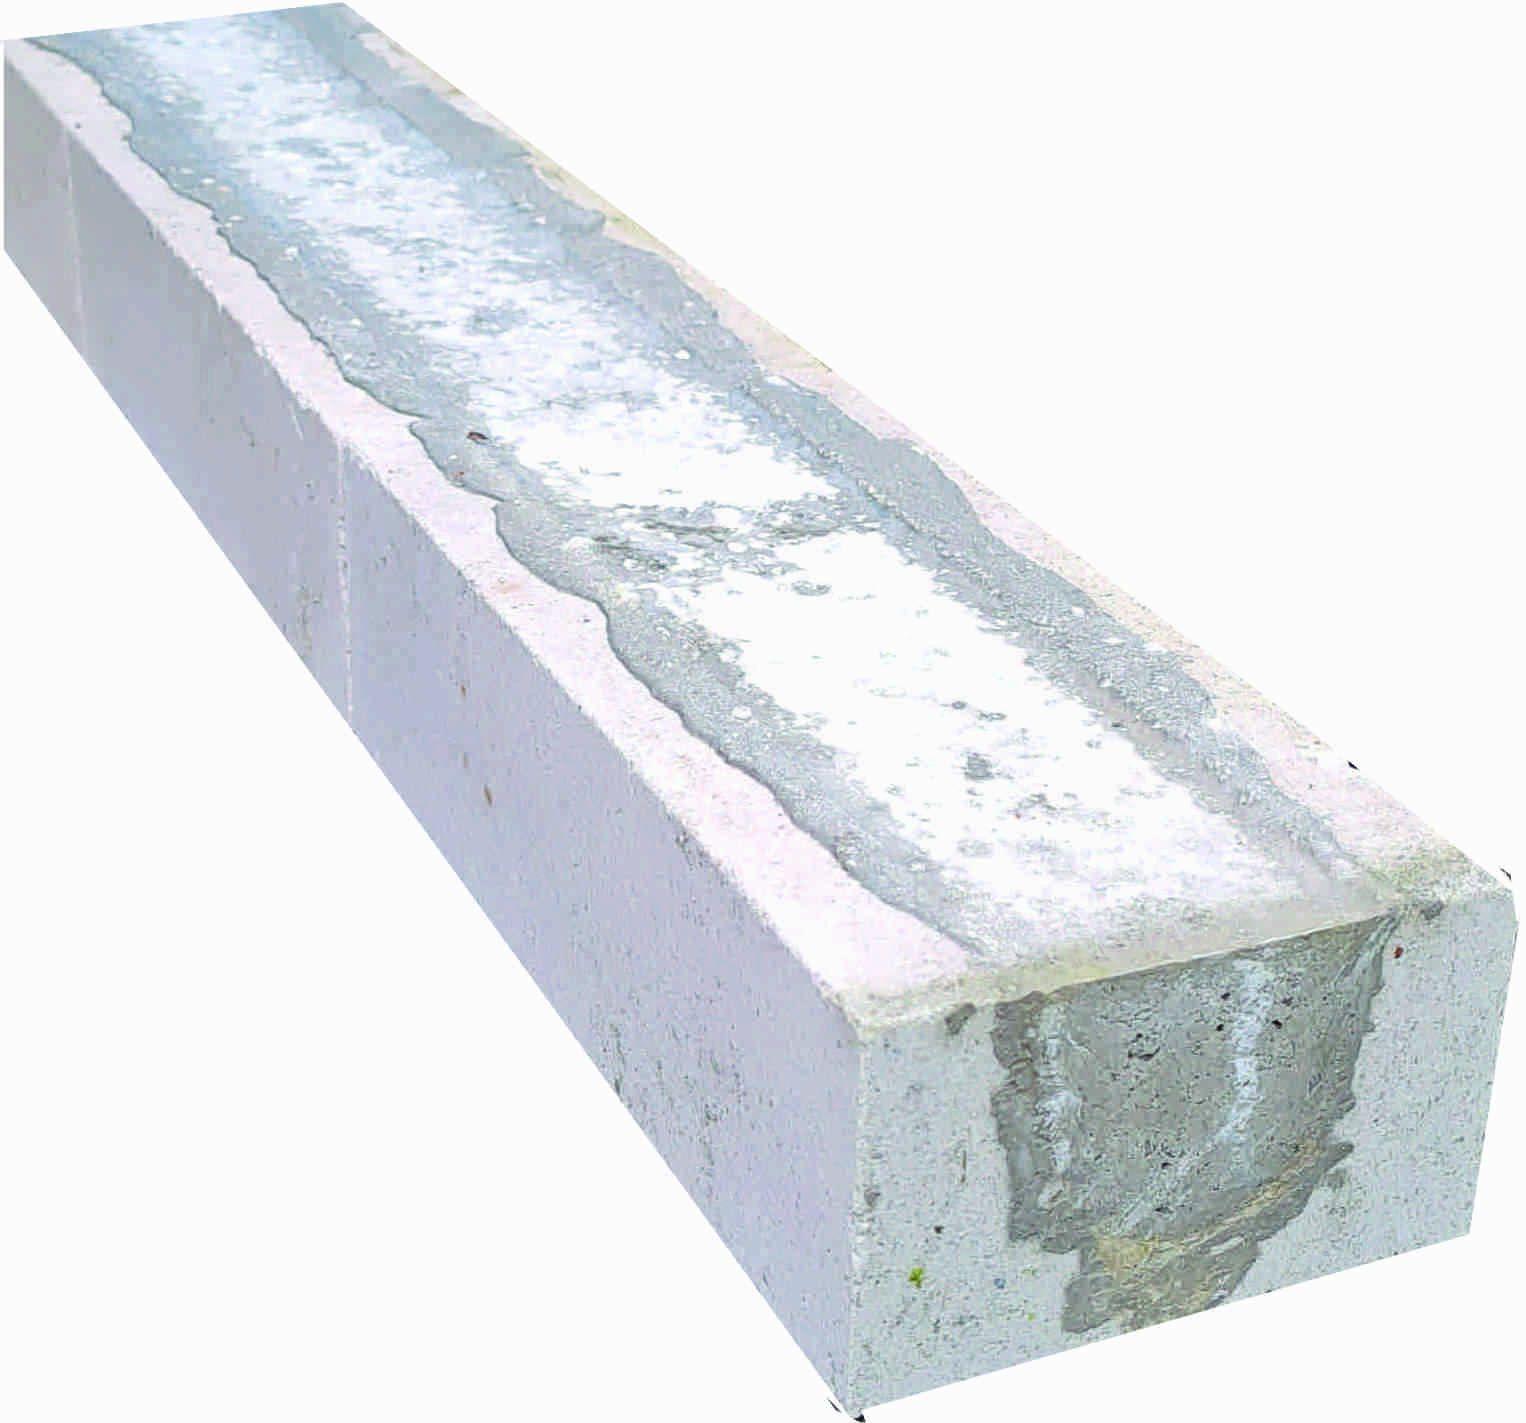 Kalksandsteinstürze NF 7,1 x 11,5 cm 1,25 m